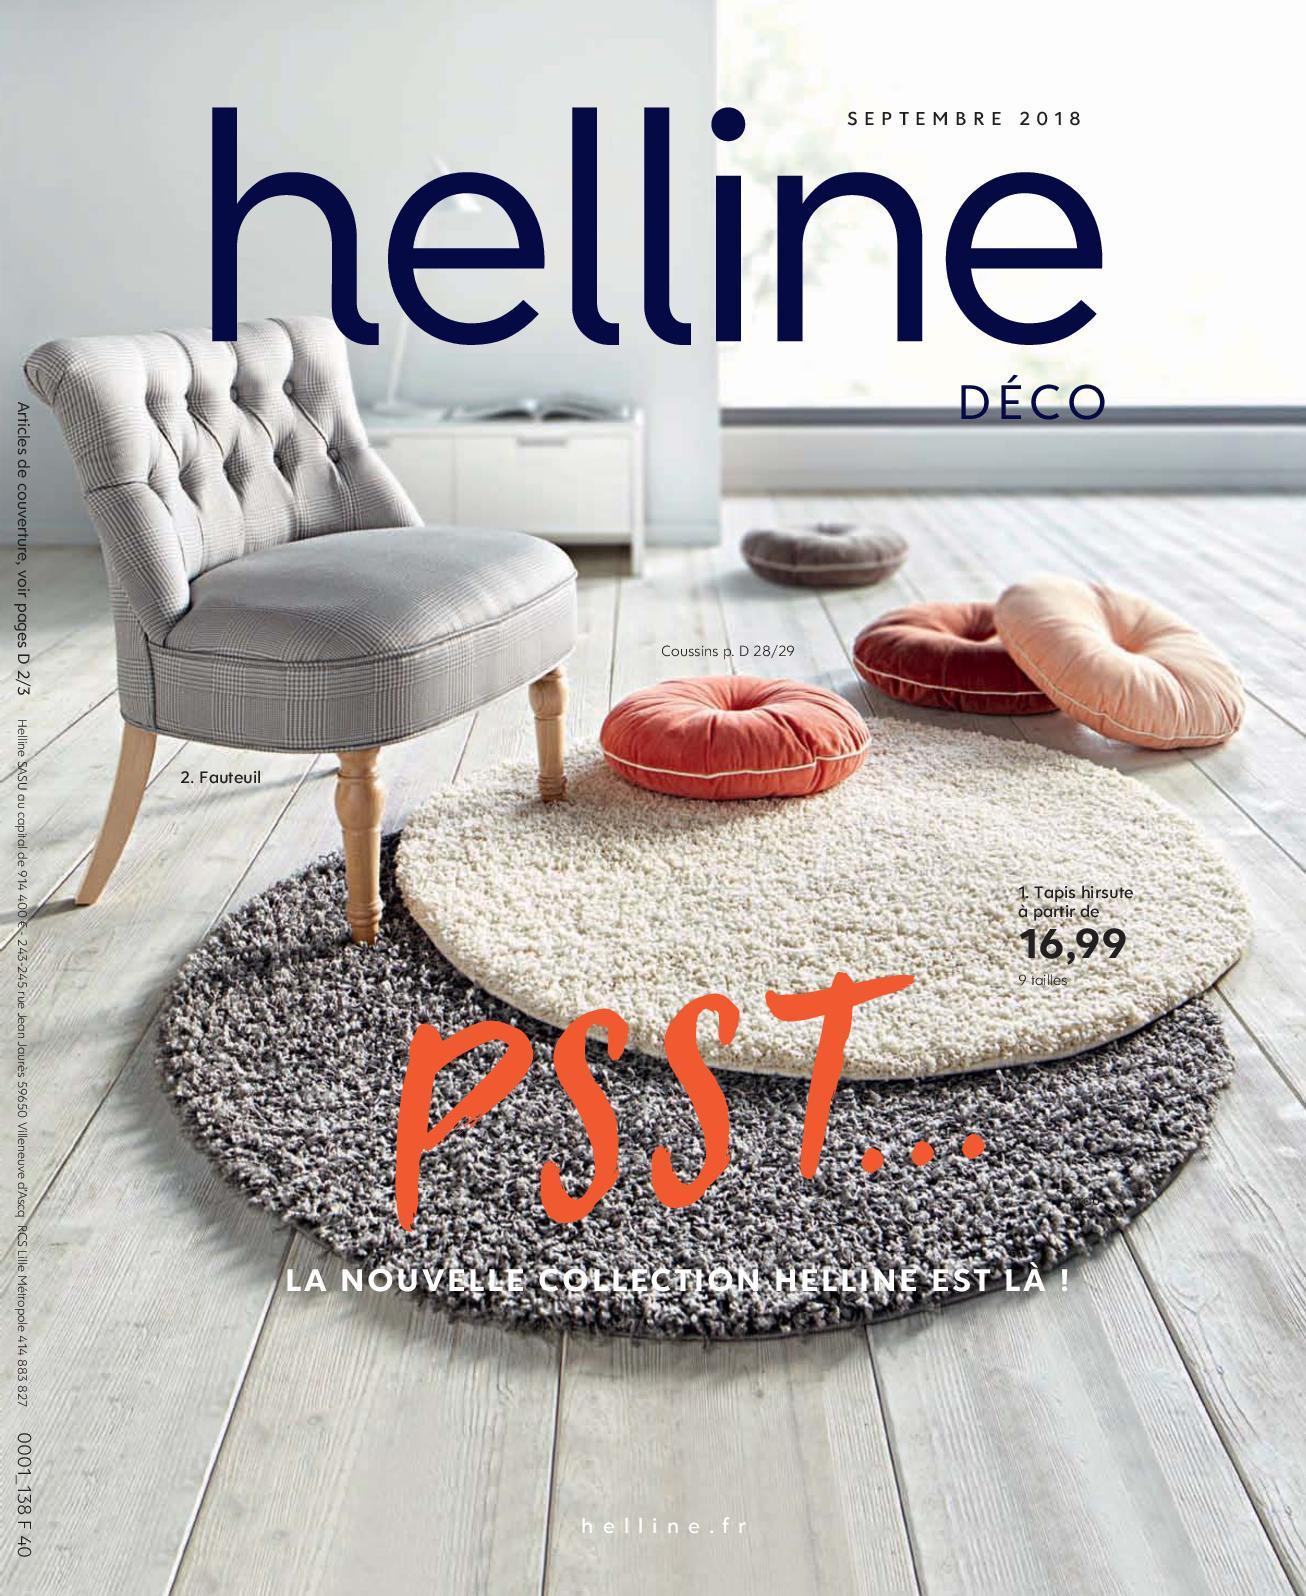 Calaméo Catalogue Ah 2018 Helline Déco OnX0PwkN8Z